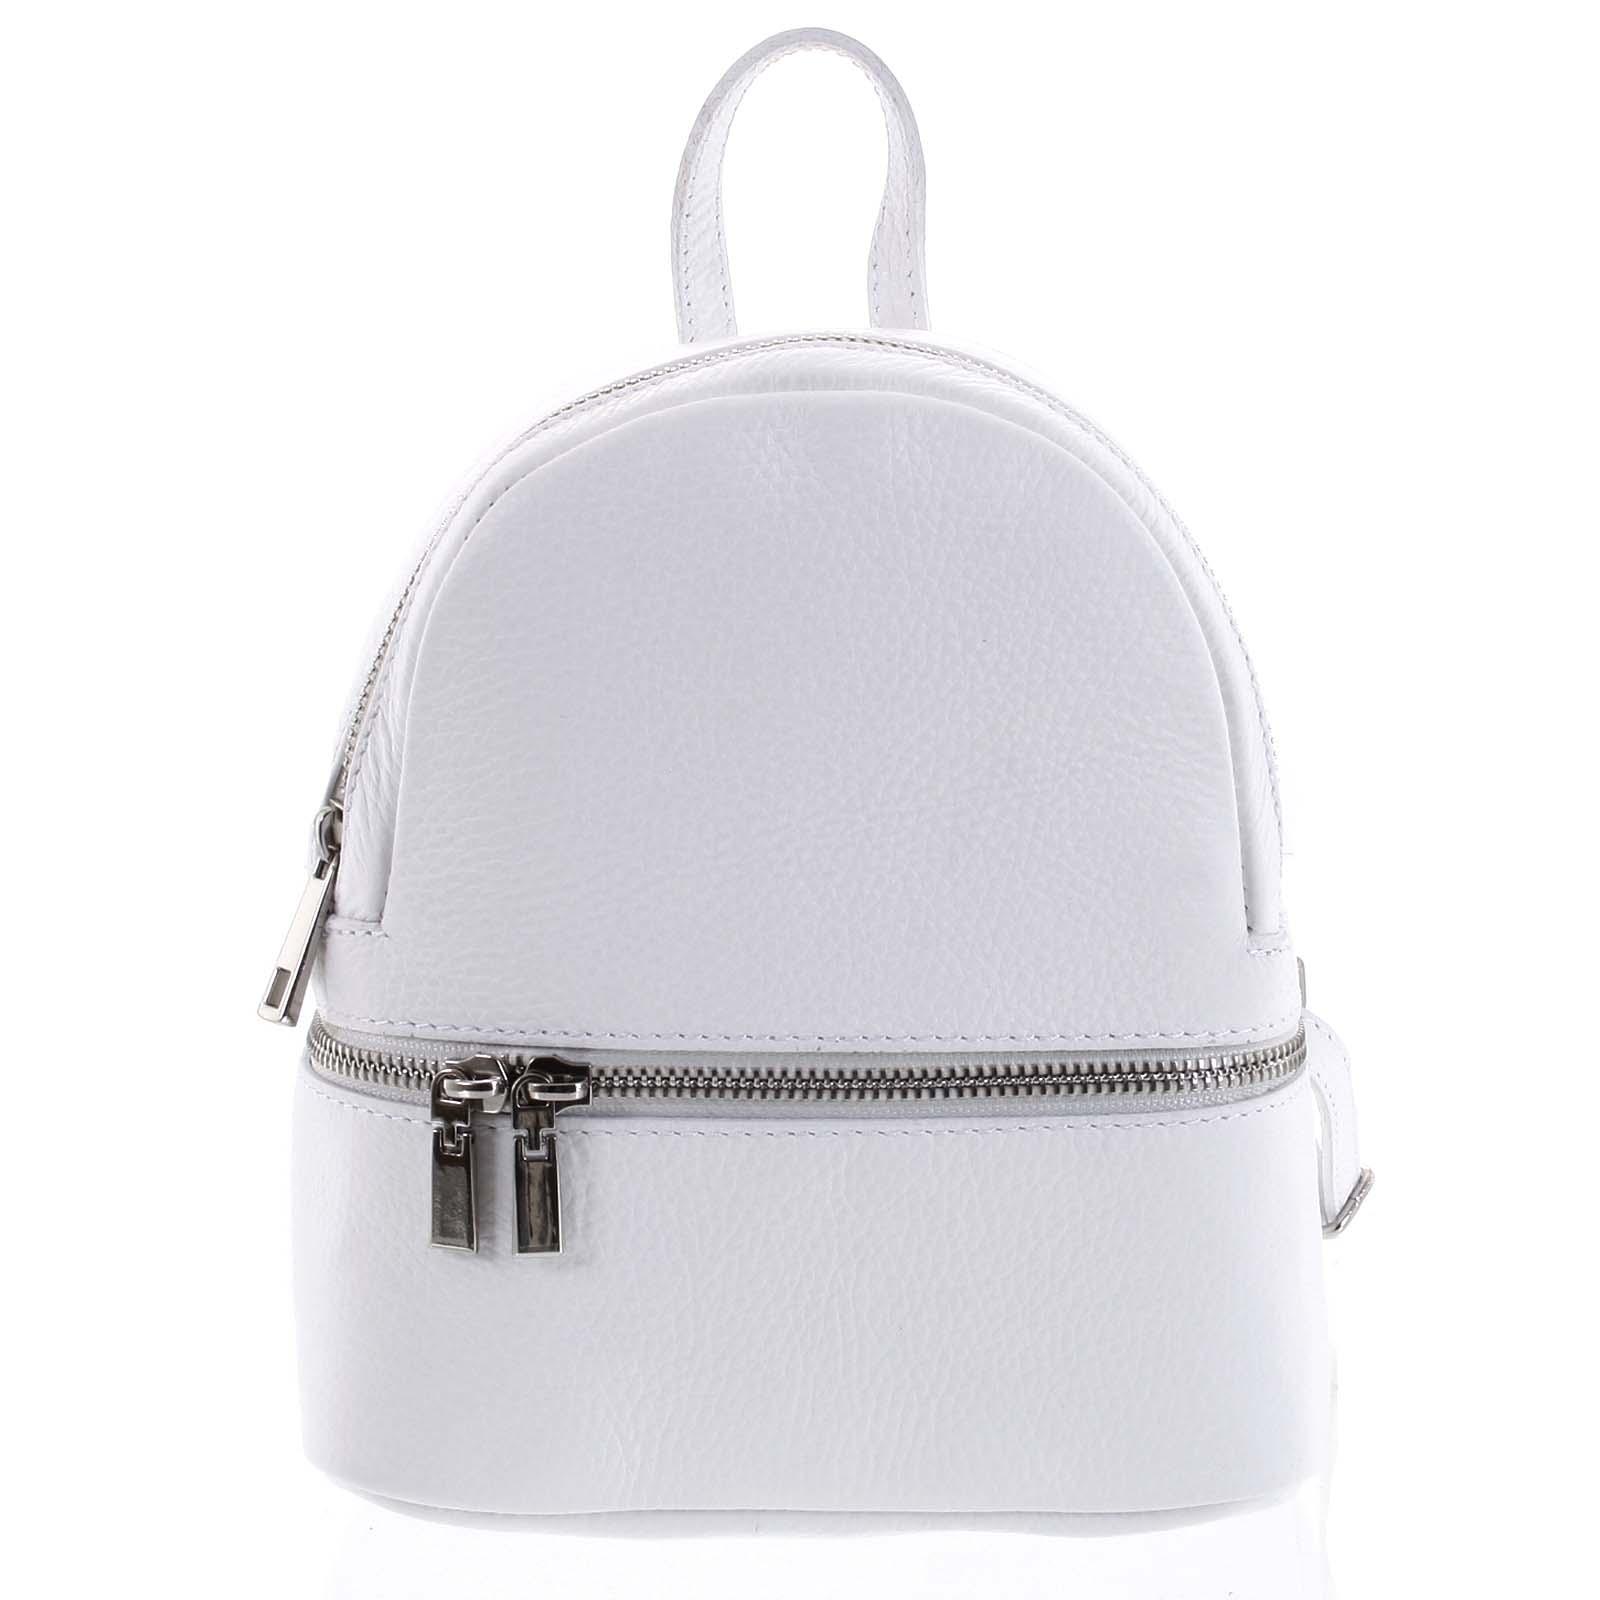 Dámský kožený batůžek bílý - ItalY Rocme bílá